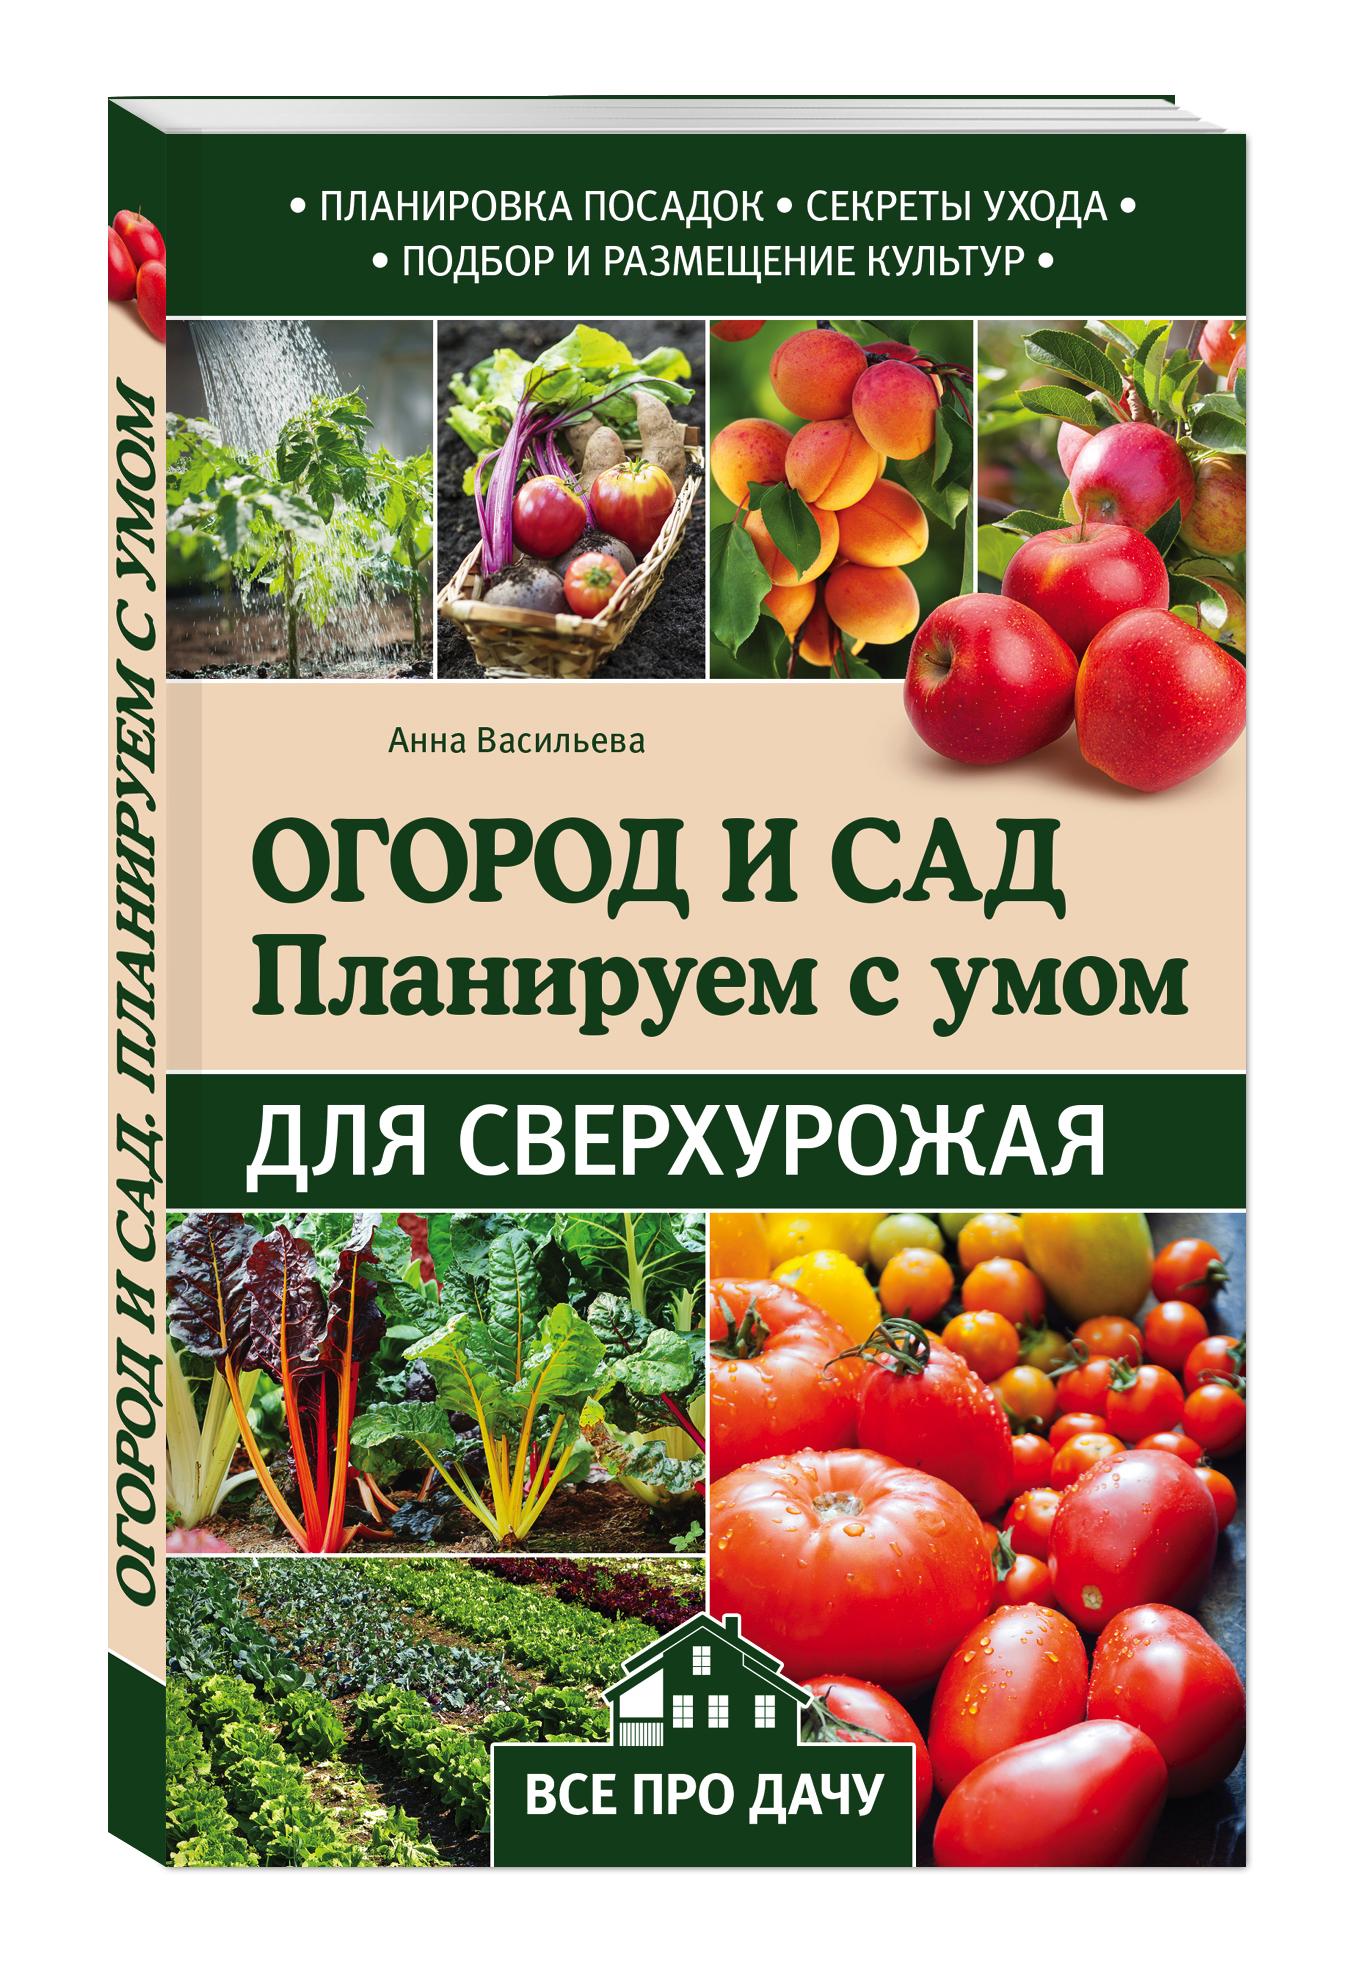 Васильева А.В. Огород и сад. Планируем с умом для сверхурожая